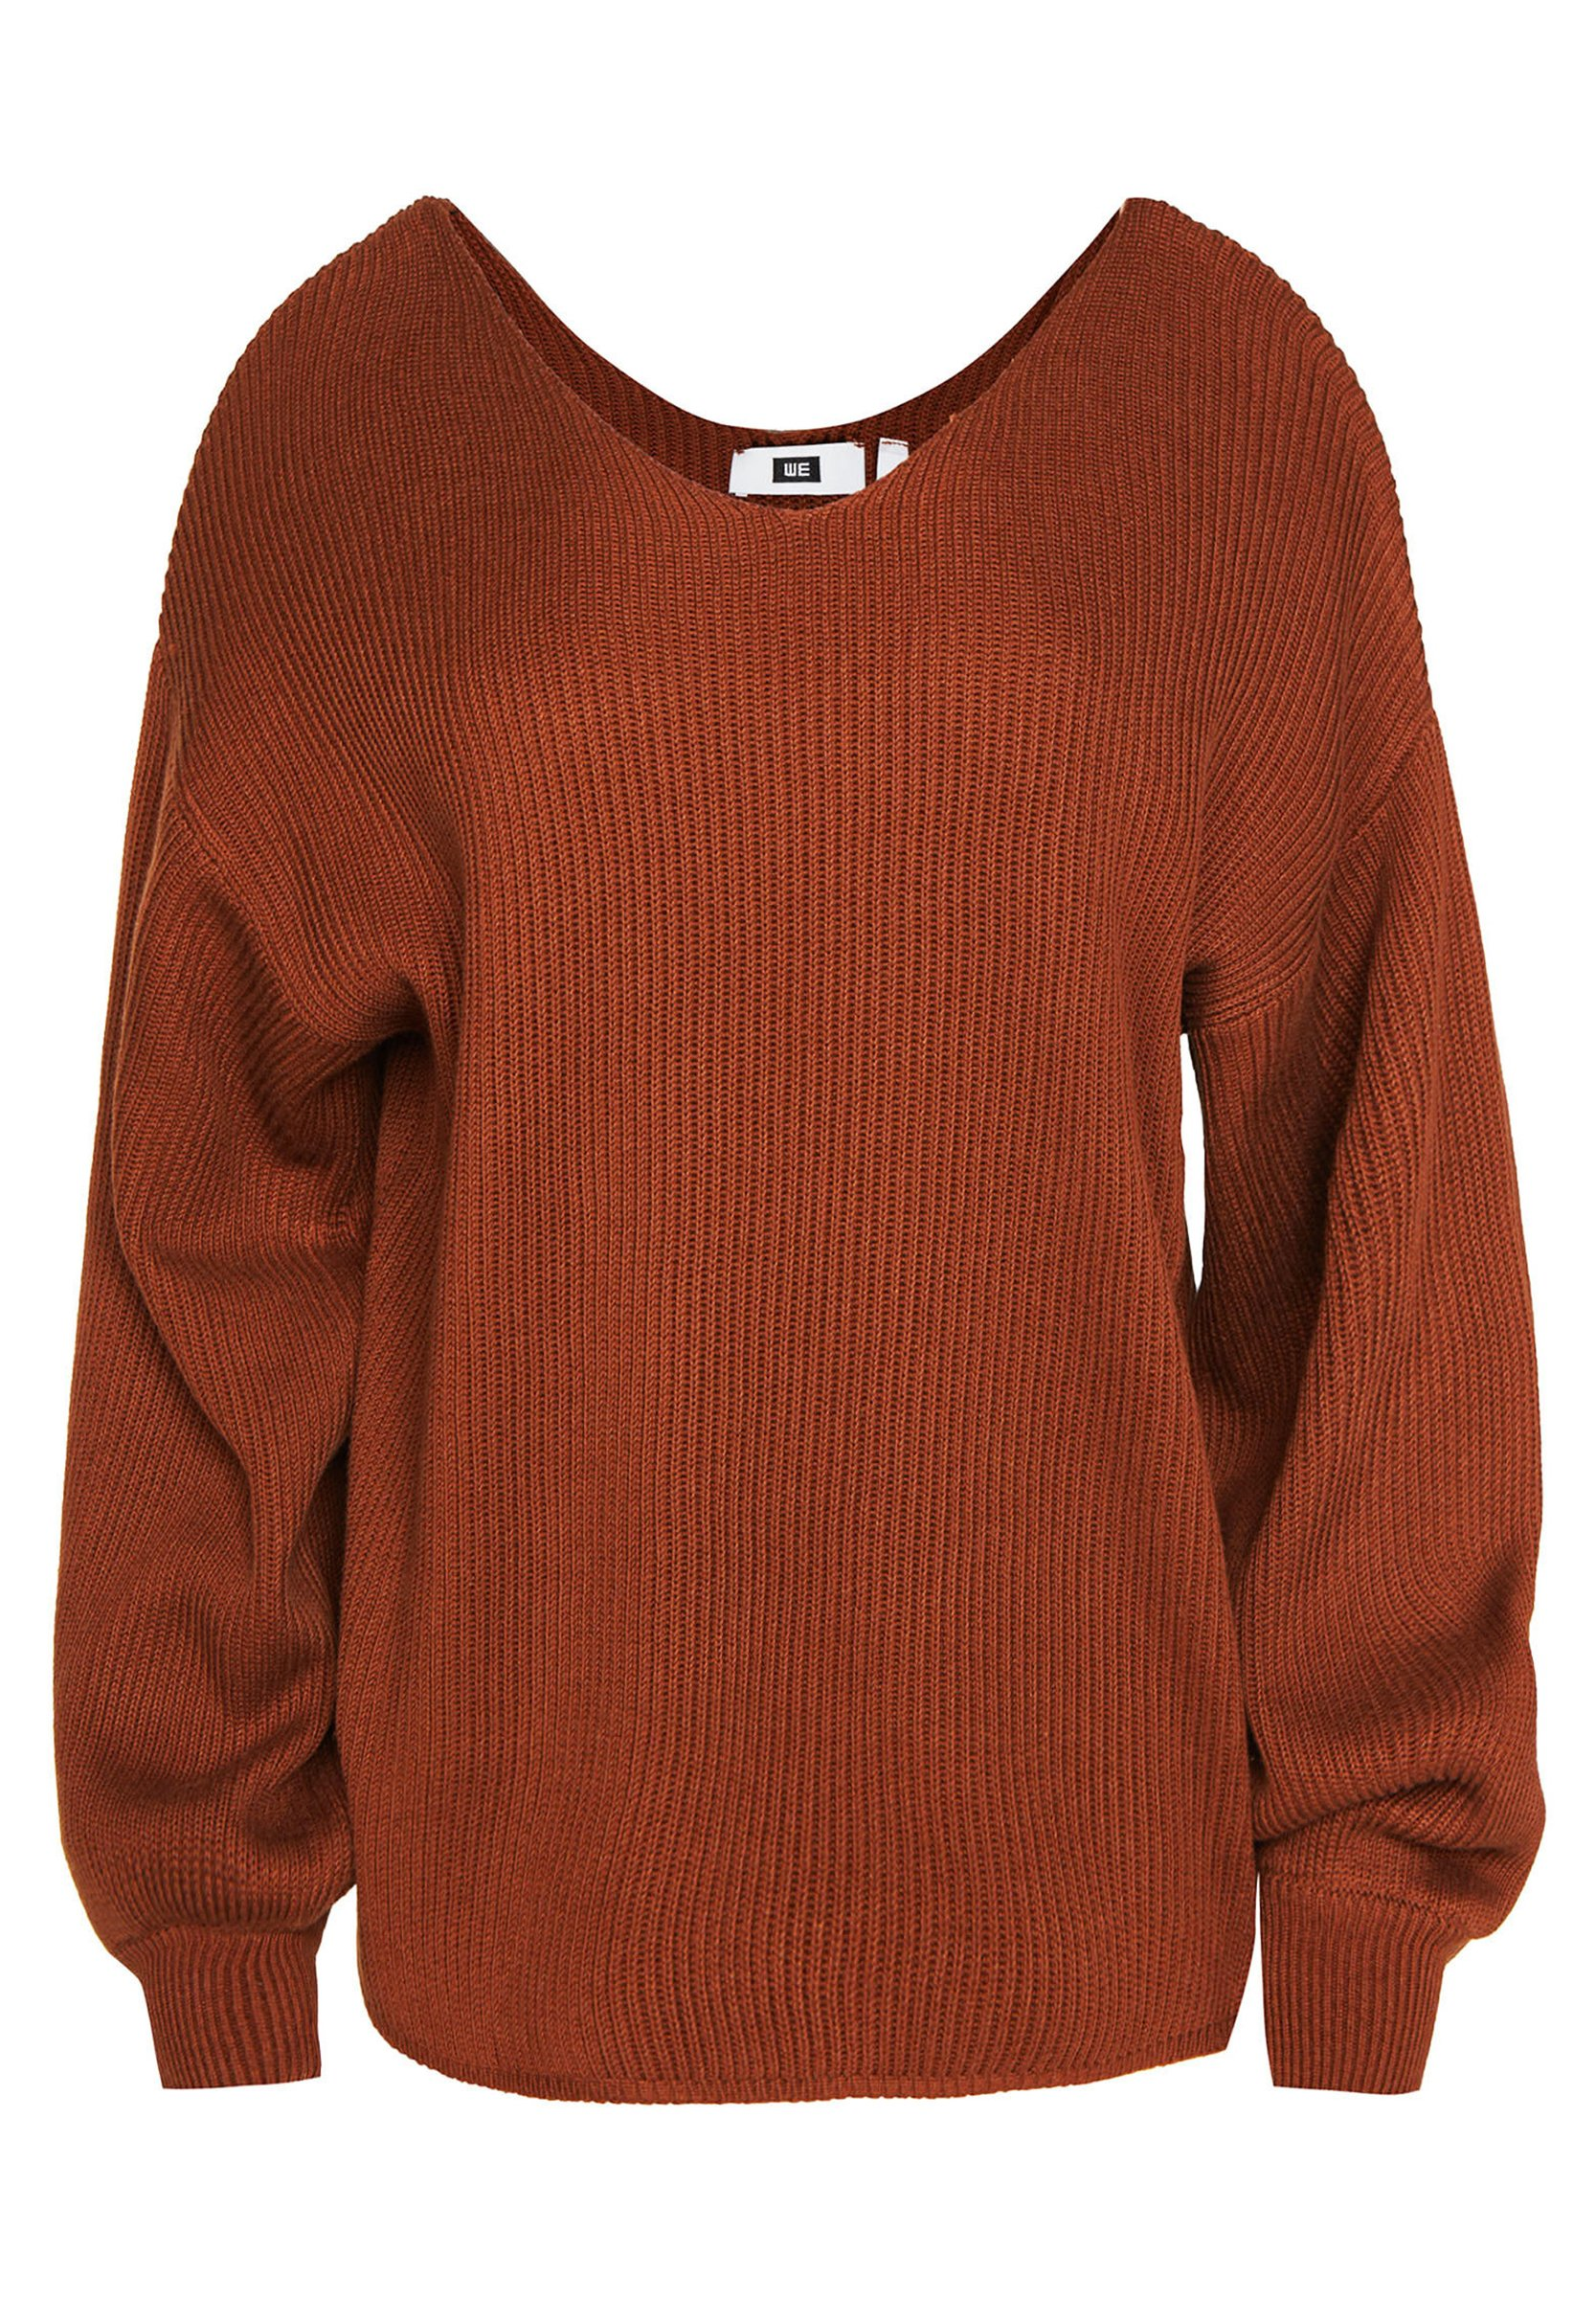 We Fashion Damenpullover Mit Ballonärmeln - Maglione Rust Brown 5T5mxGt